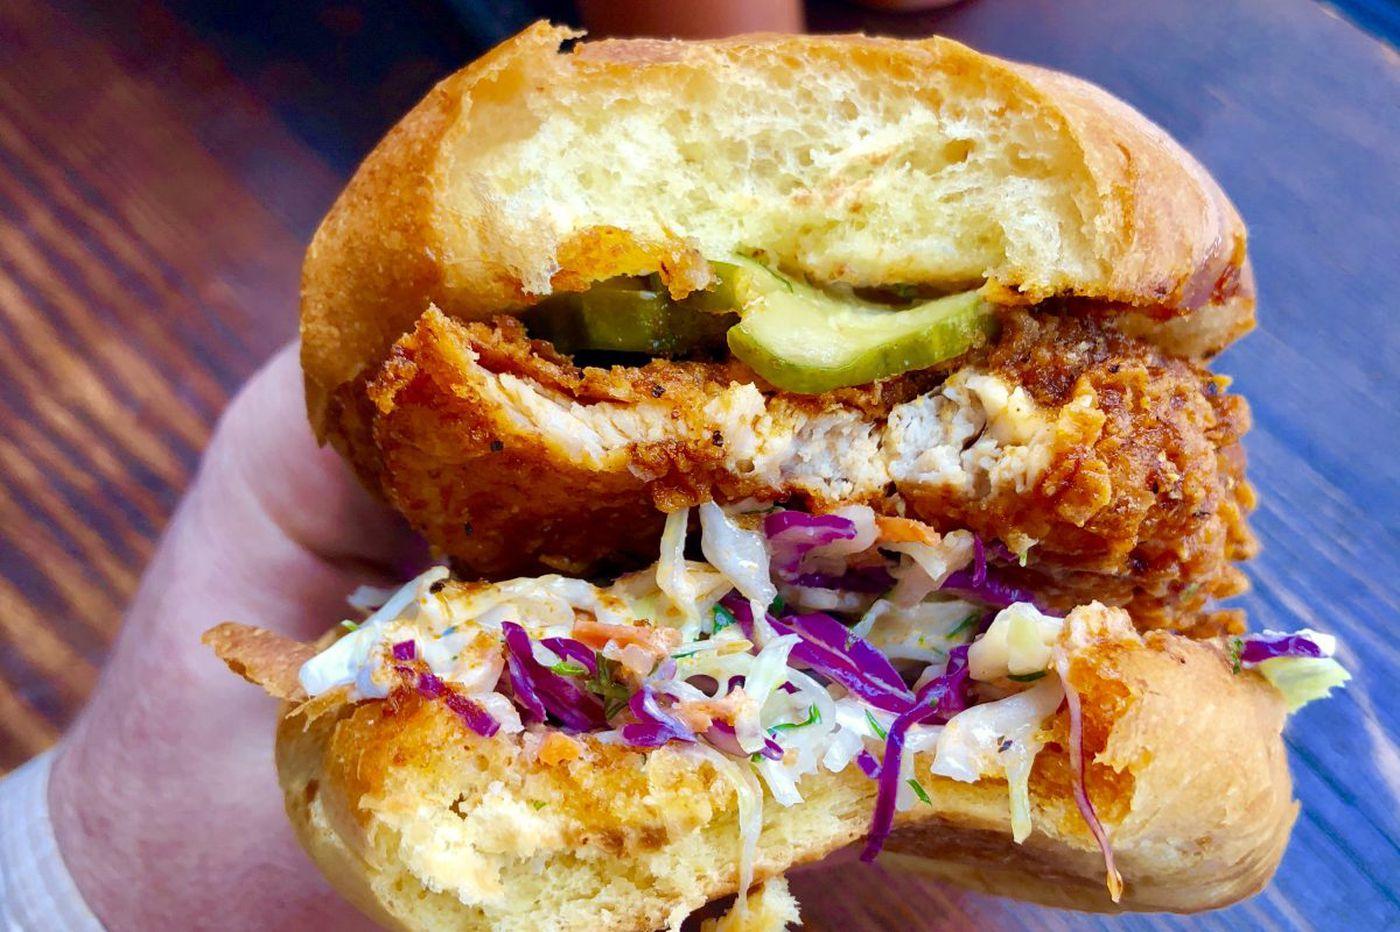 Good taste: Love and Honey's hot chicken sandwich